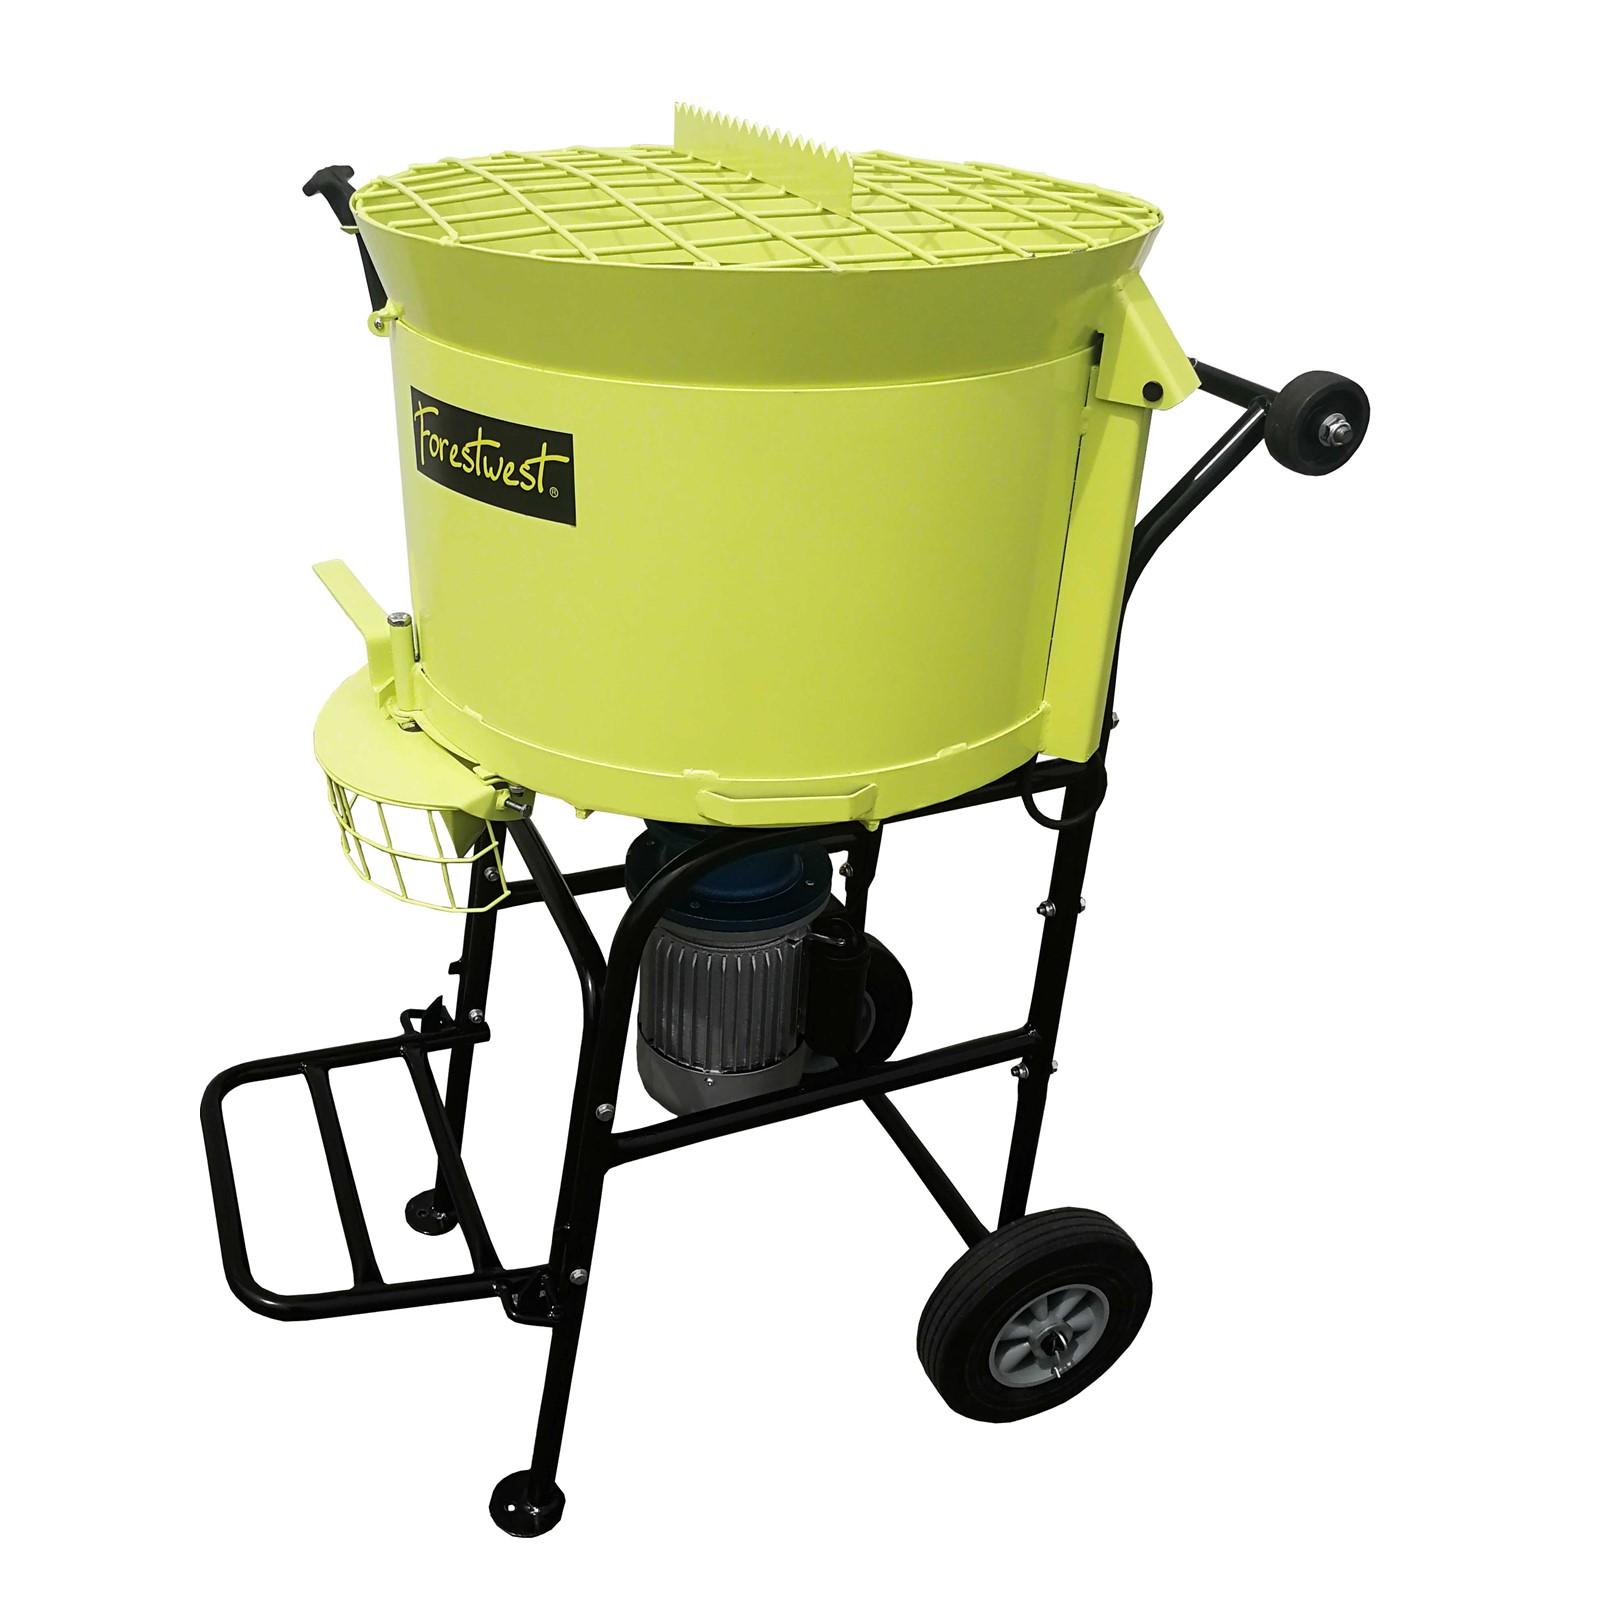 80L портативный вилочный смеситель, электрическая сковорода, смеситель цементного раствора, 1100 Вт, Смеситель Принудительного действия, строительная смесительная машина для плитки